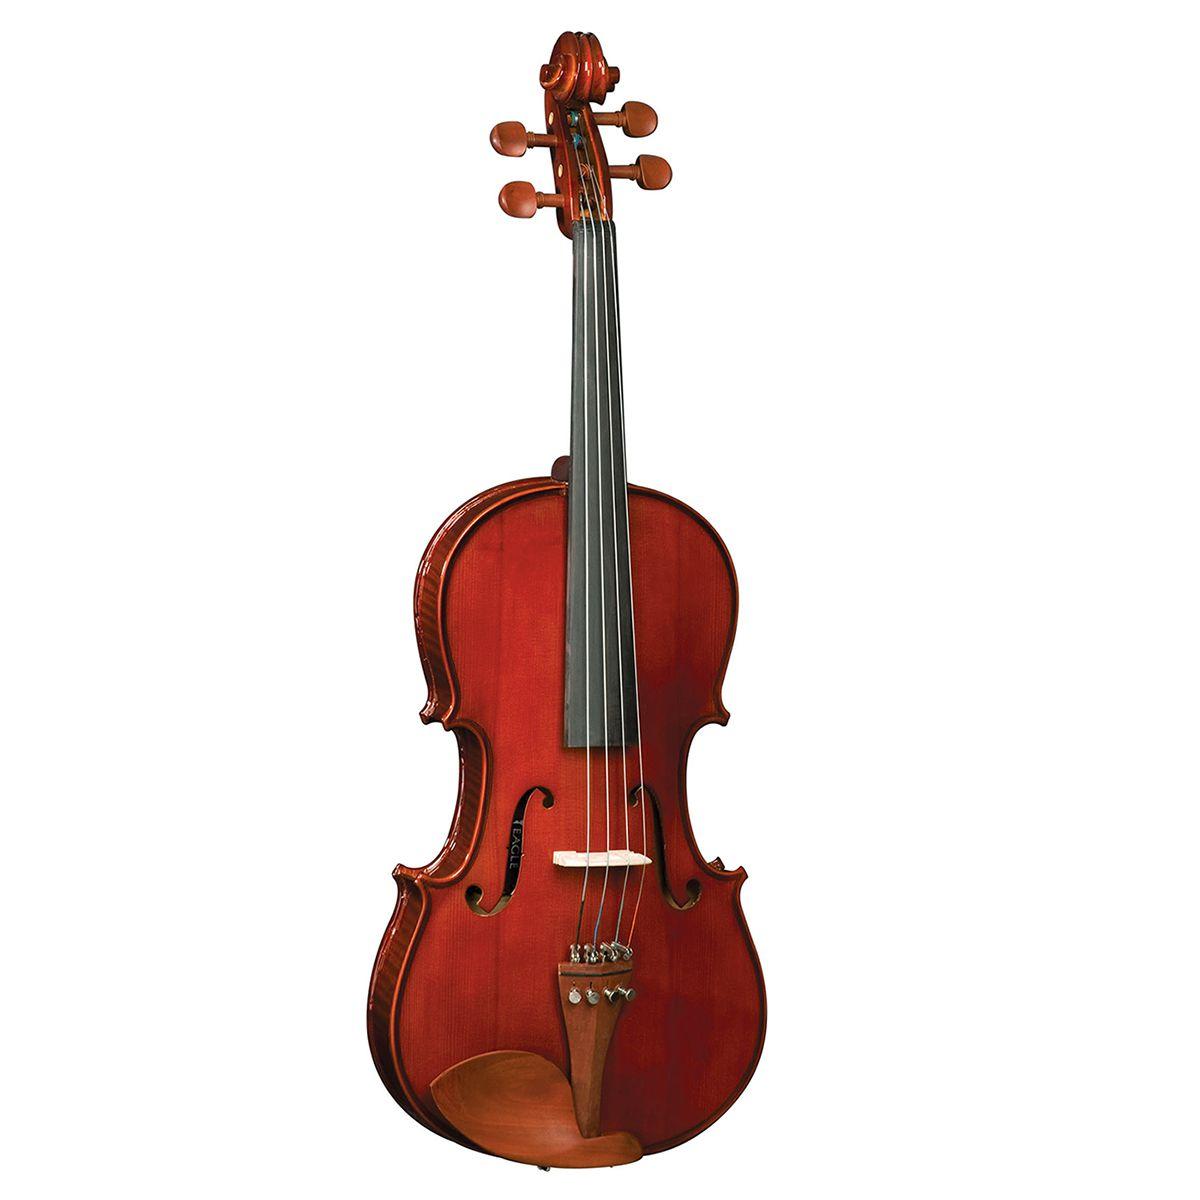 Viola de Arco Eagle VA 150 4/4 com Case Extra Luxo e Arco